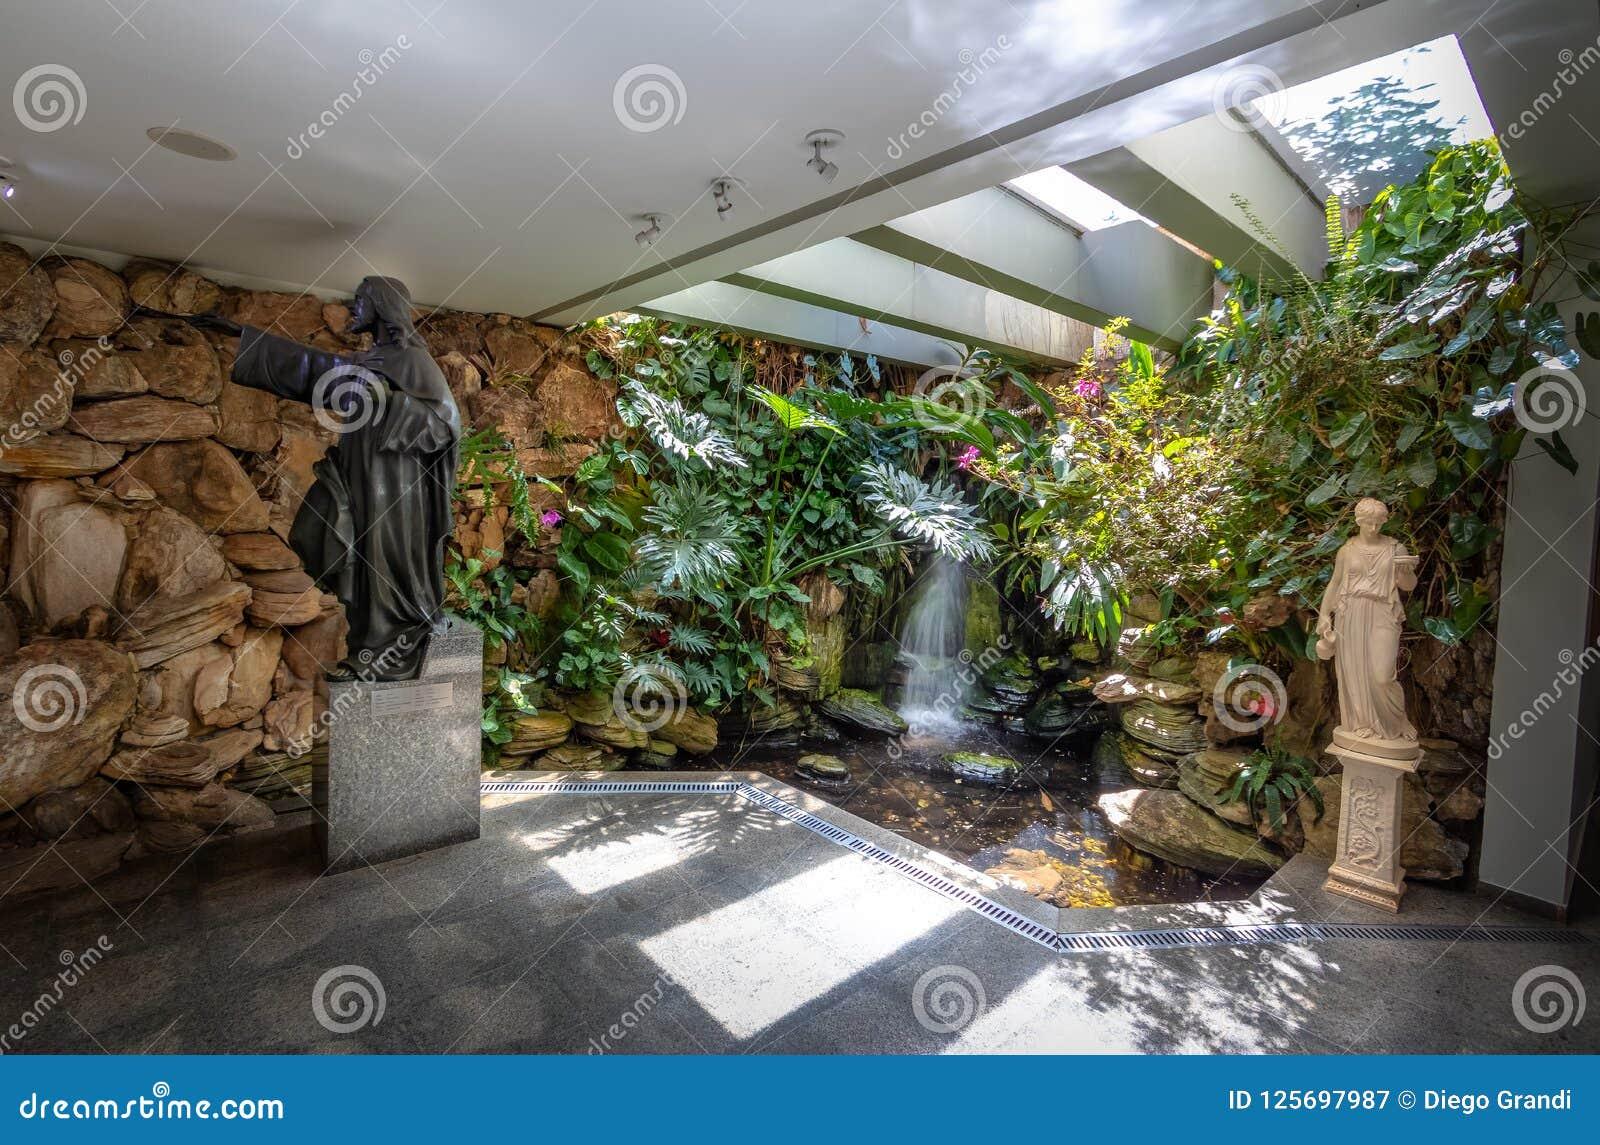 Священный фонтан на виске доброй воли - интерьера Vontade горжетки Templo da - Brasilia, Distrito федеральное, Бразилия